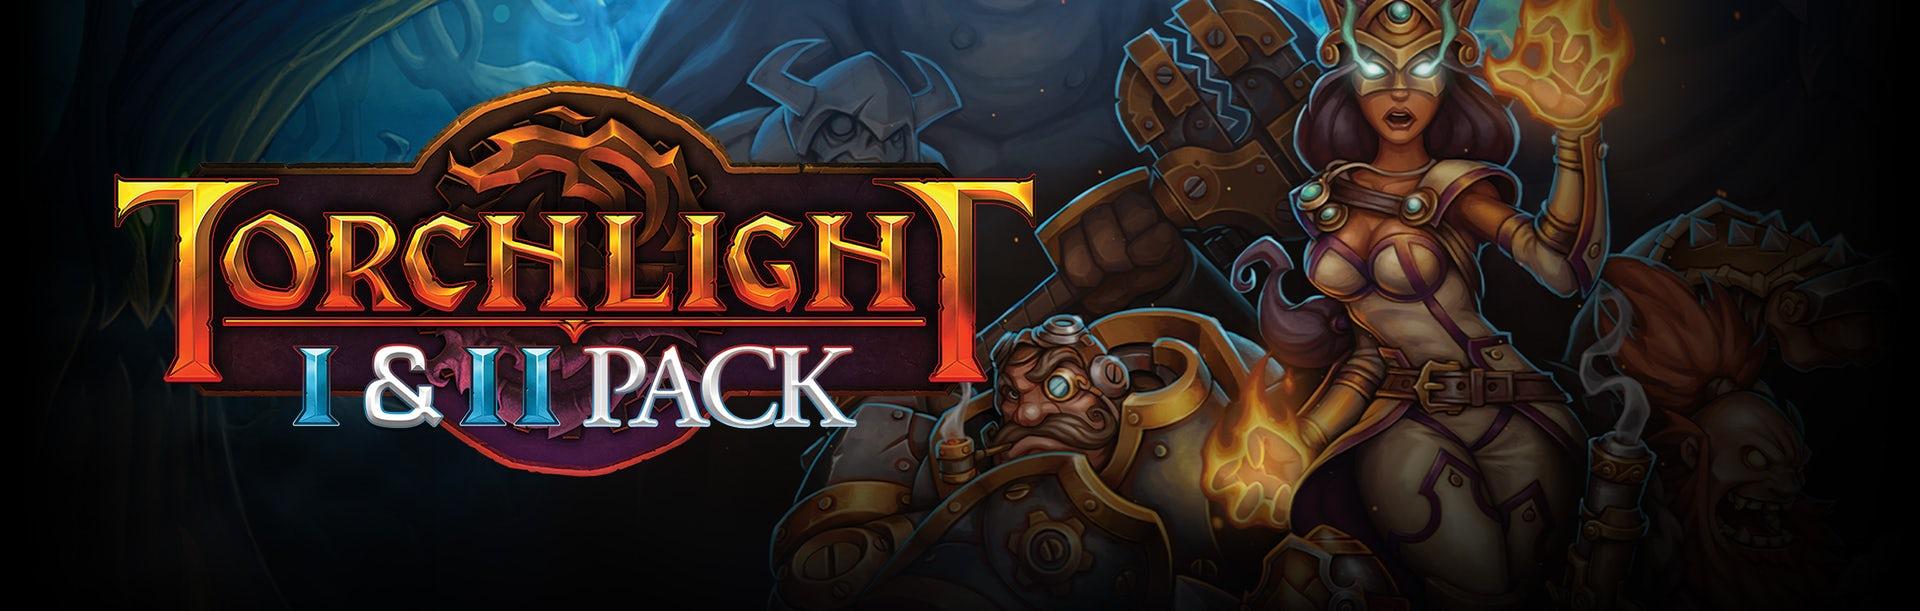 Fanatical [PC]: Torchlight I & II Pack - OFERTA FLASH 24hrs (para Steam)